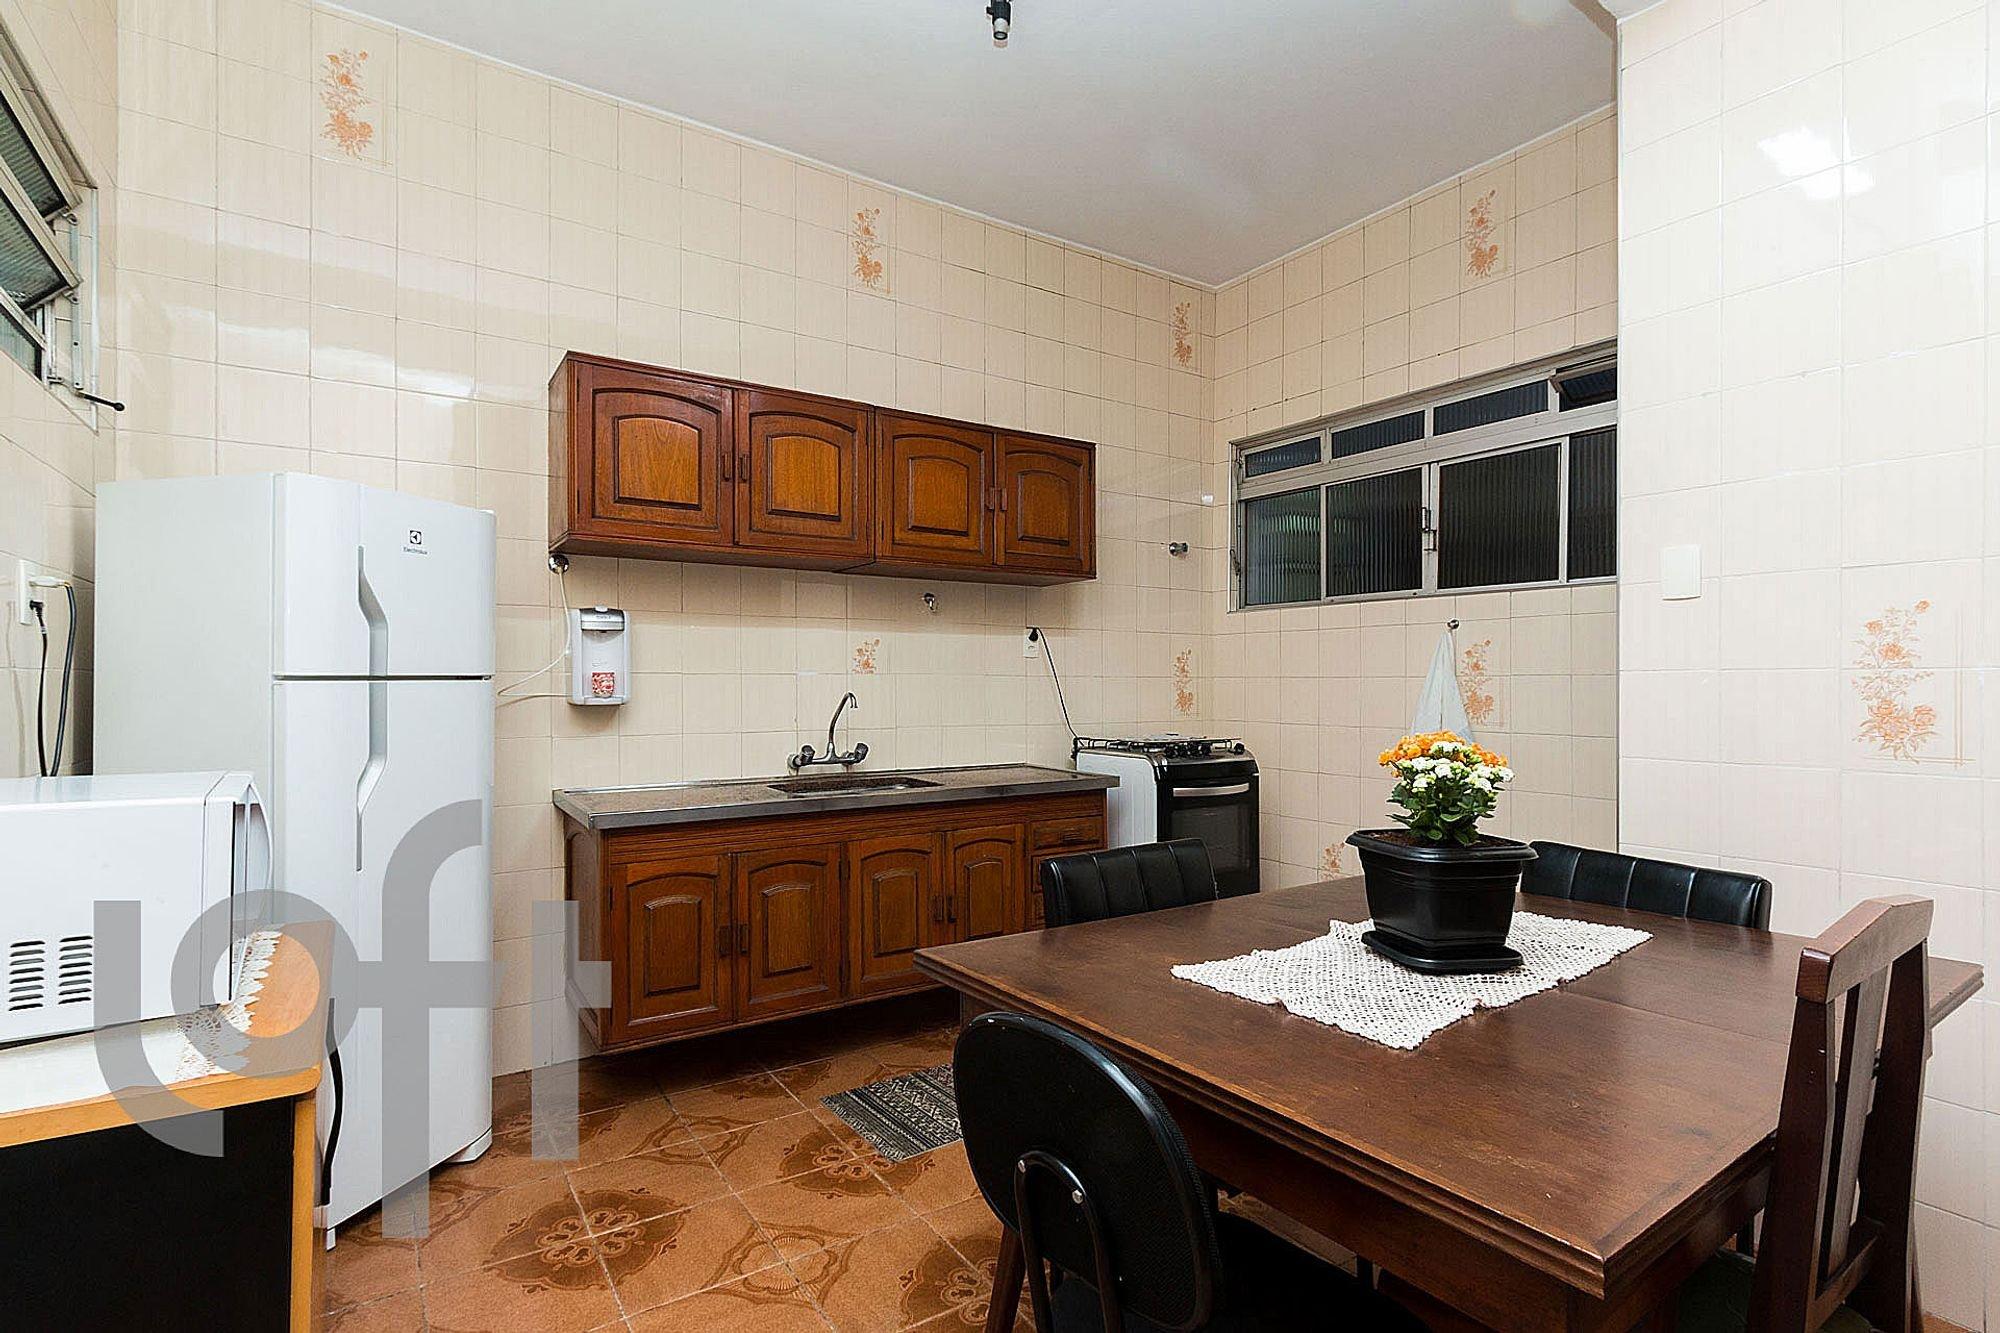 Foto de Cozinha com vaso de planta, geladeira, cadeira, mesa de jantar